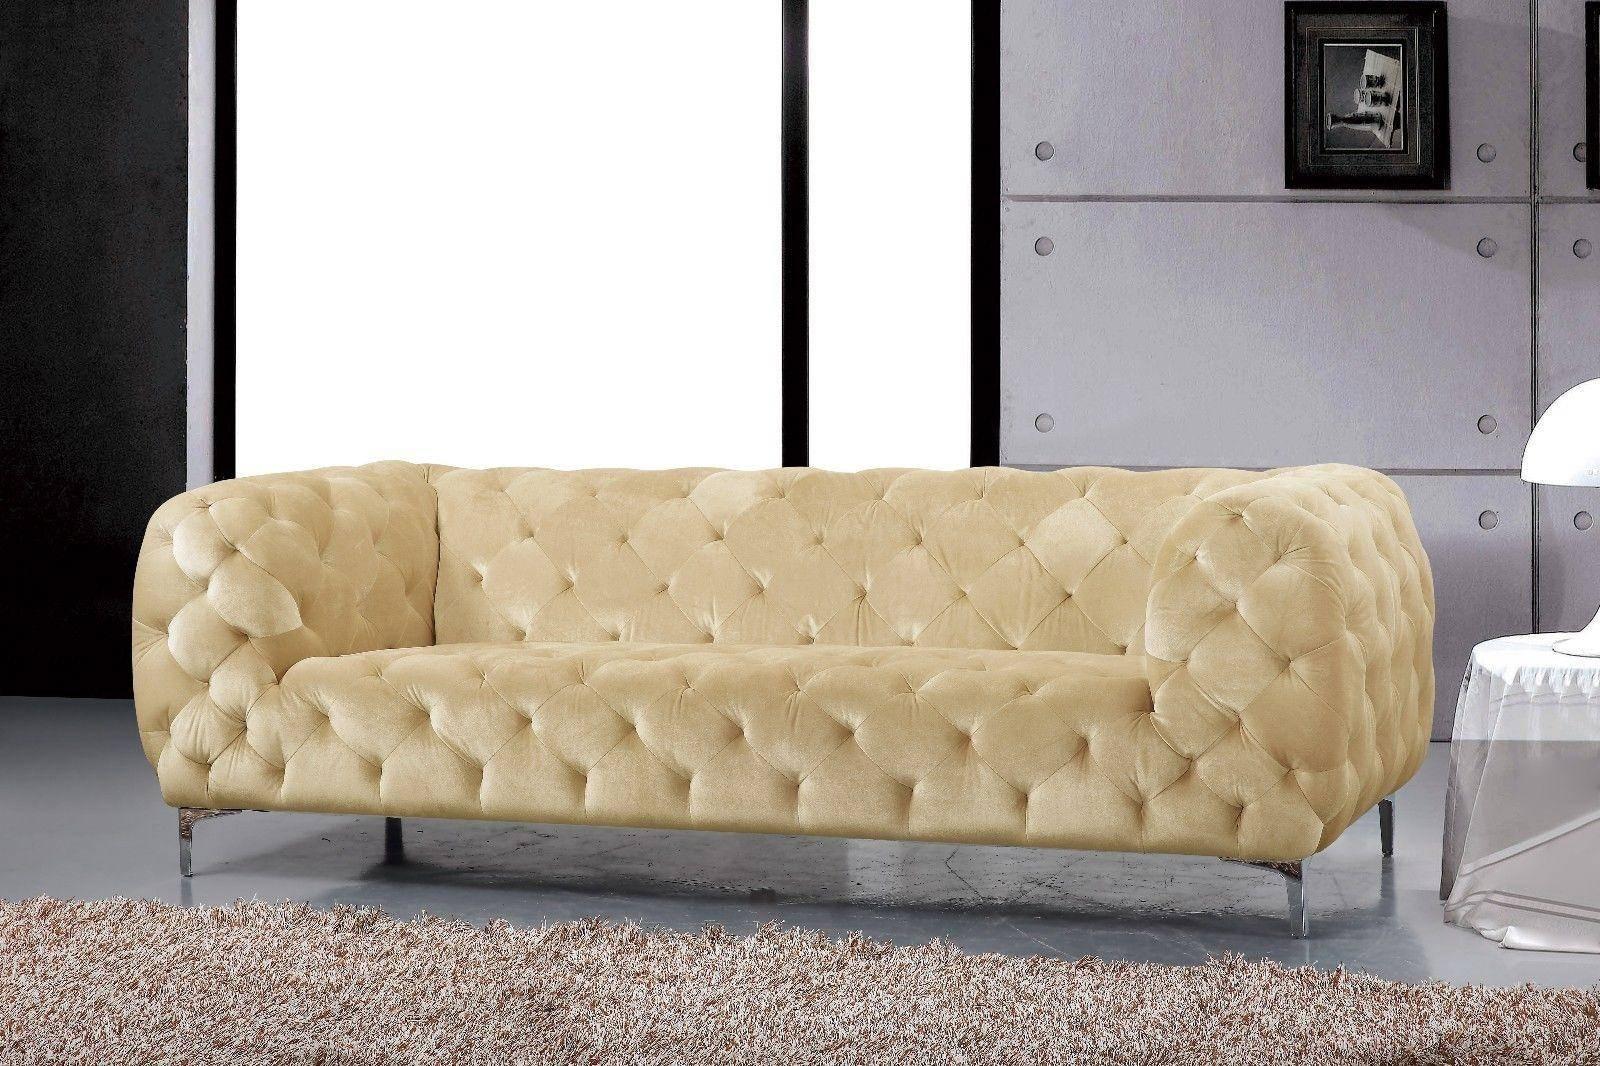 Buy Meridian Mercer Sofa Loveseat And Chair Set 3 Pcs In Beige Velvet Online